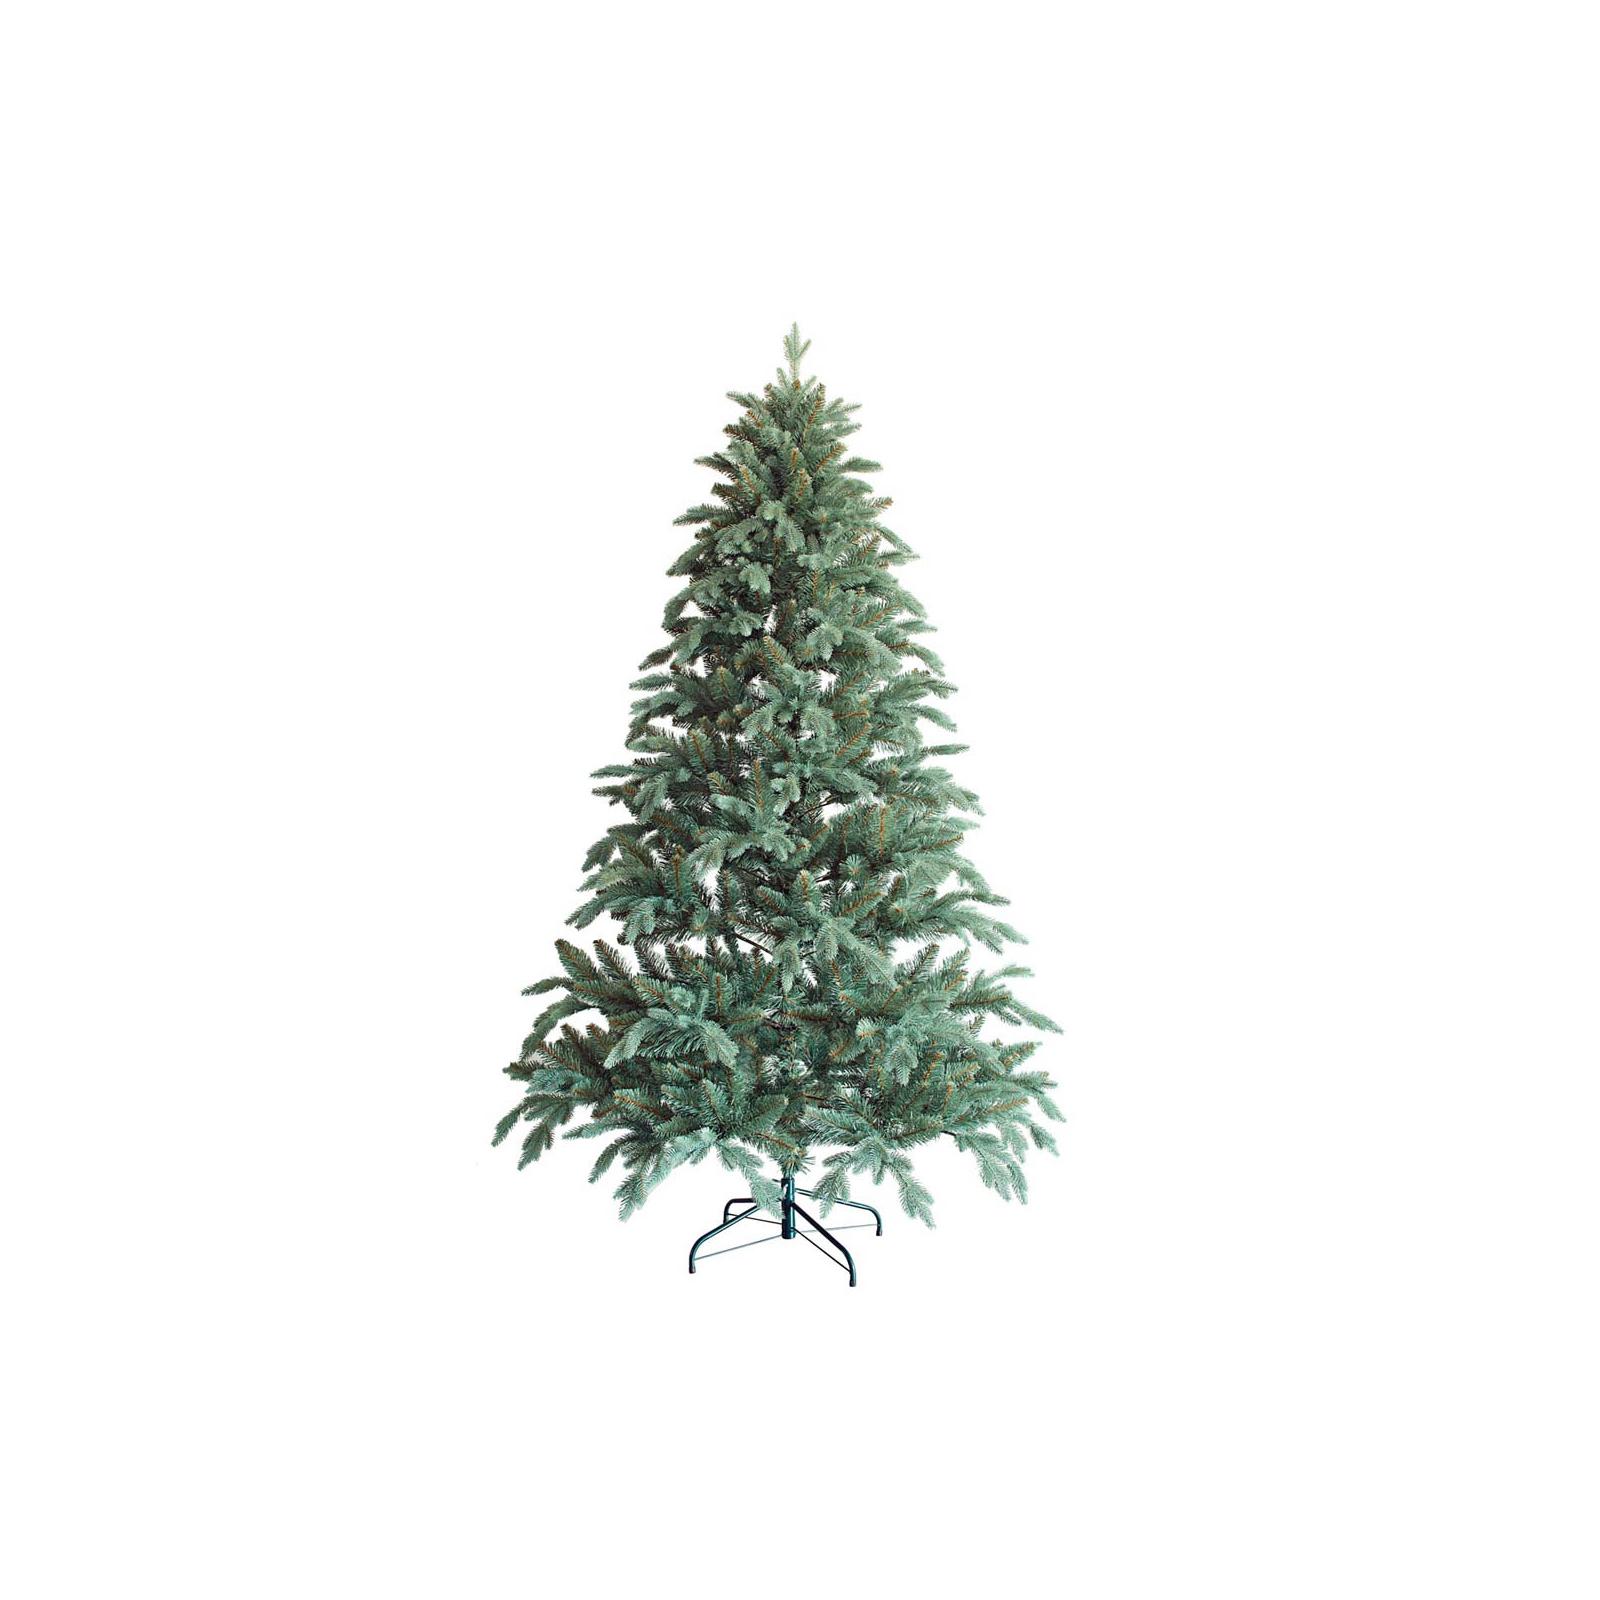 Искусственная елка YES! Fun Флора голубая 2,70 м литая (903511)